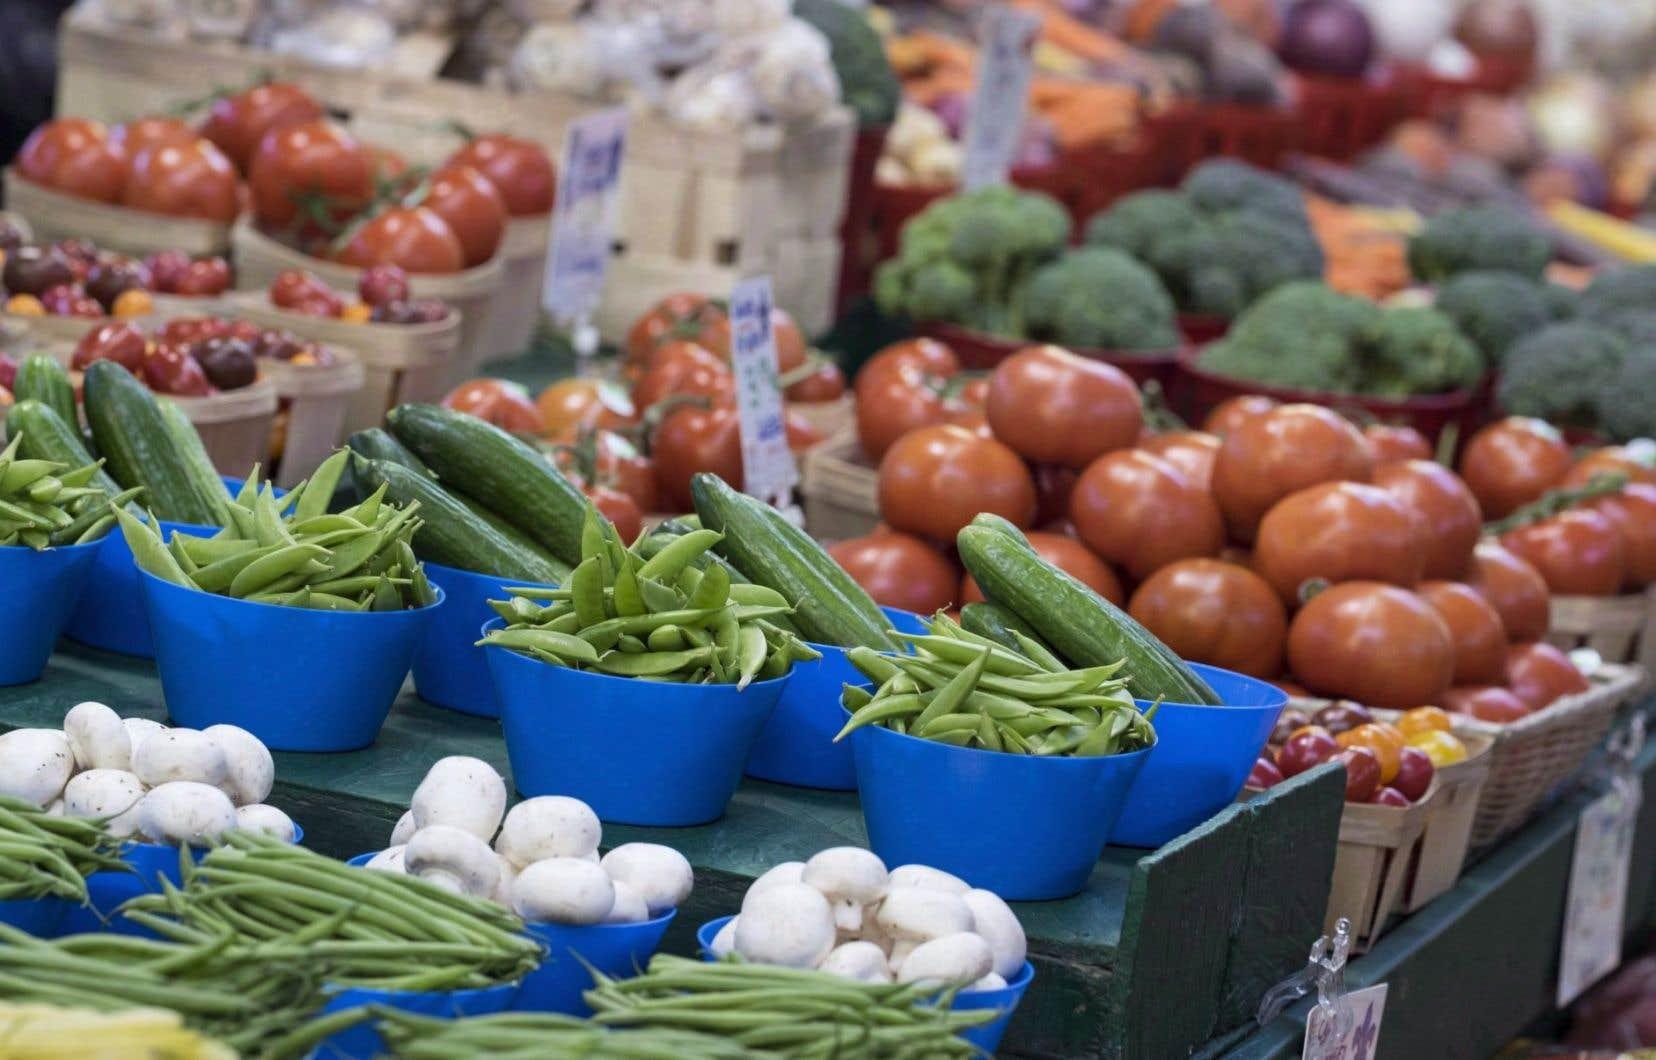 L'indice des prix des aliments a diminué d'une année à l'autre pour le septième mois consécutif.